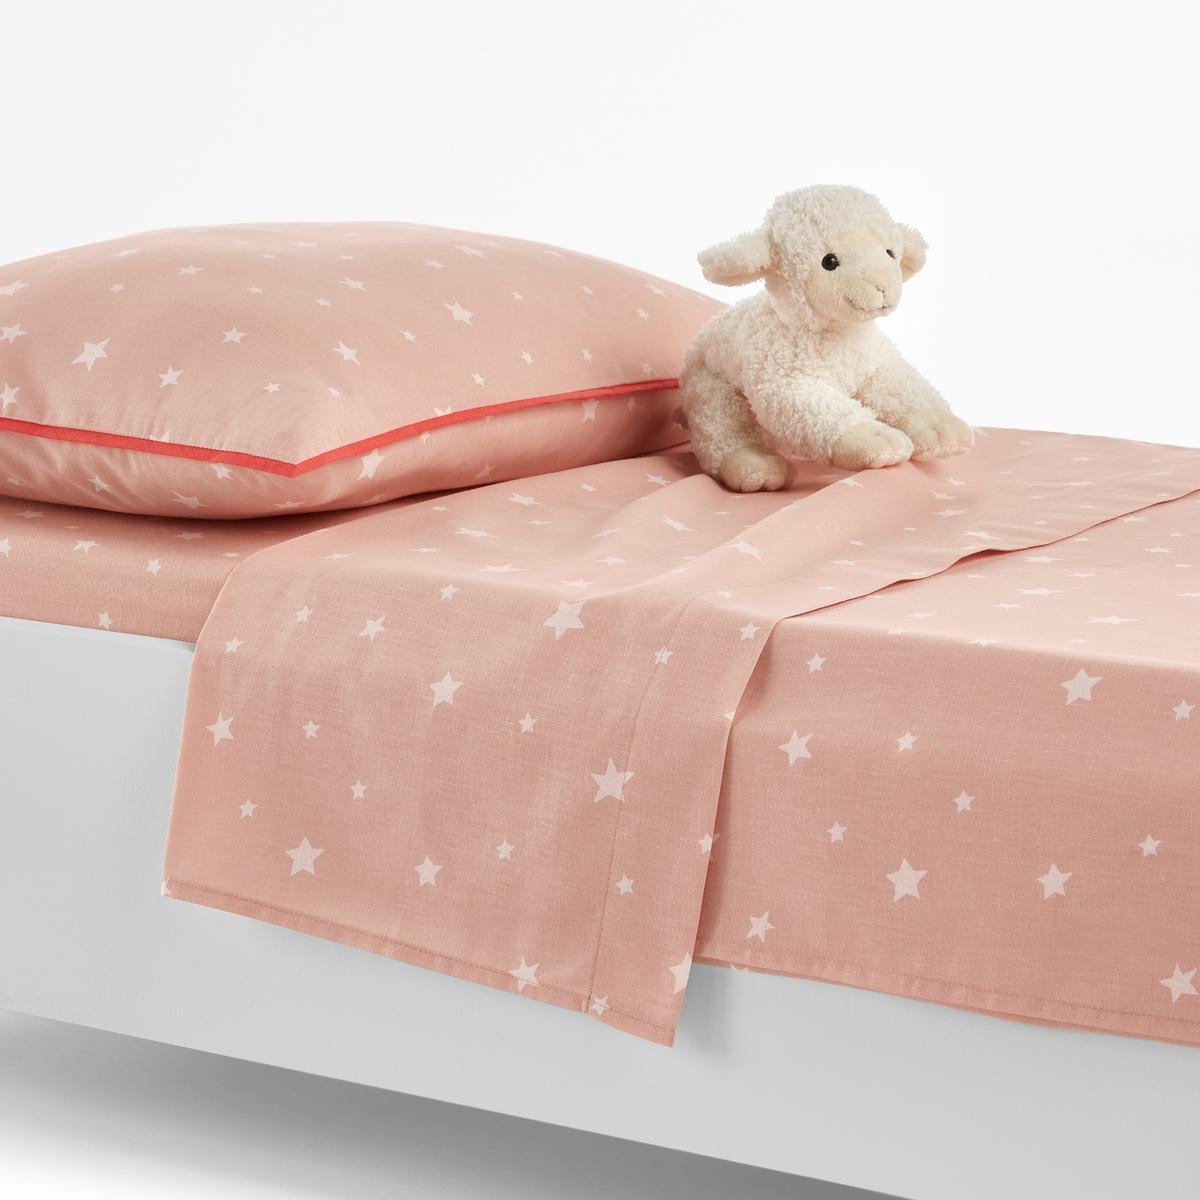 Leintuch ÉTOILES für Babys| reine Baumwolle | Kinderzimmer > Textilien für Kinder > Babytextilien | Baumwolle | La Redoute Interieurs